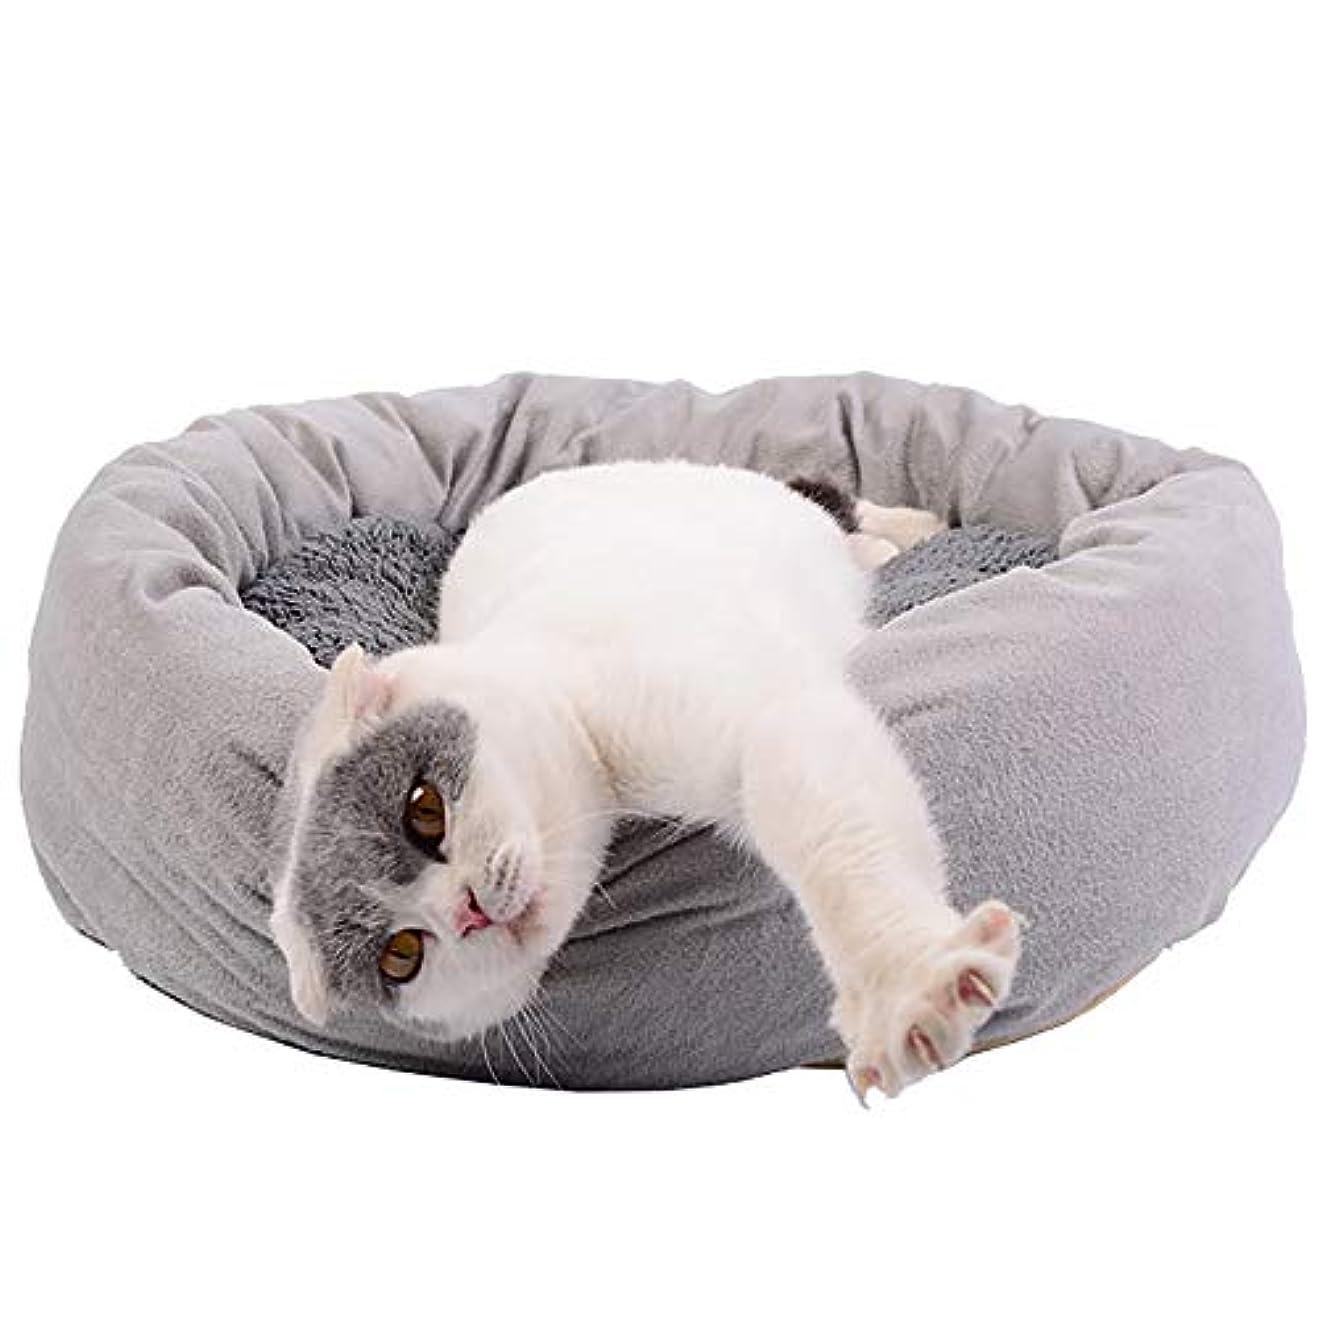 内陸各倍率猫と小型犬用のデラックスペットベッド柔らかいクッションラウンドまたは楕円形のドーナツの入れ子になった洞窟ベッドを備えたカドラー直径55cmの猫と小型犬用のペット猫用ベッド、グレー